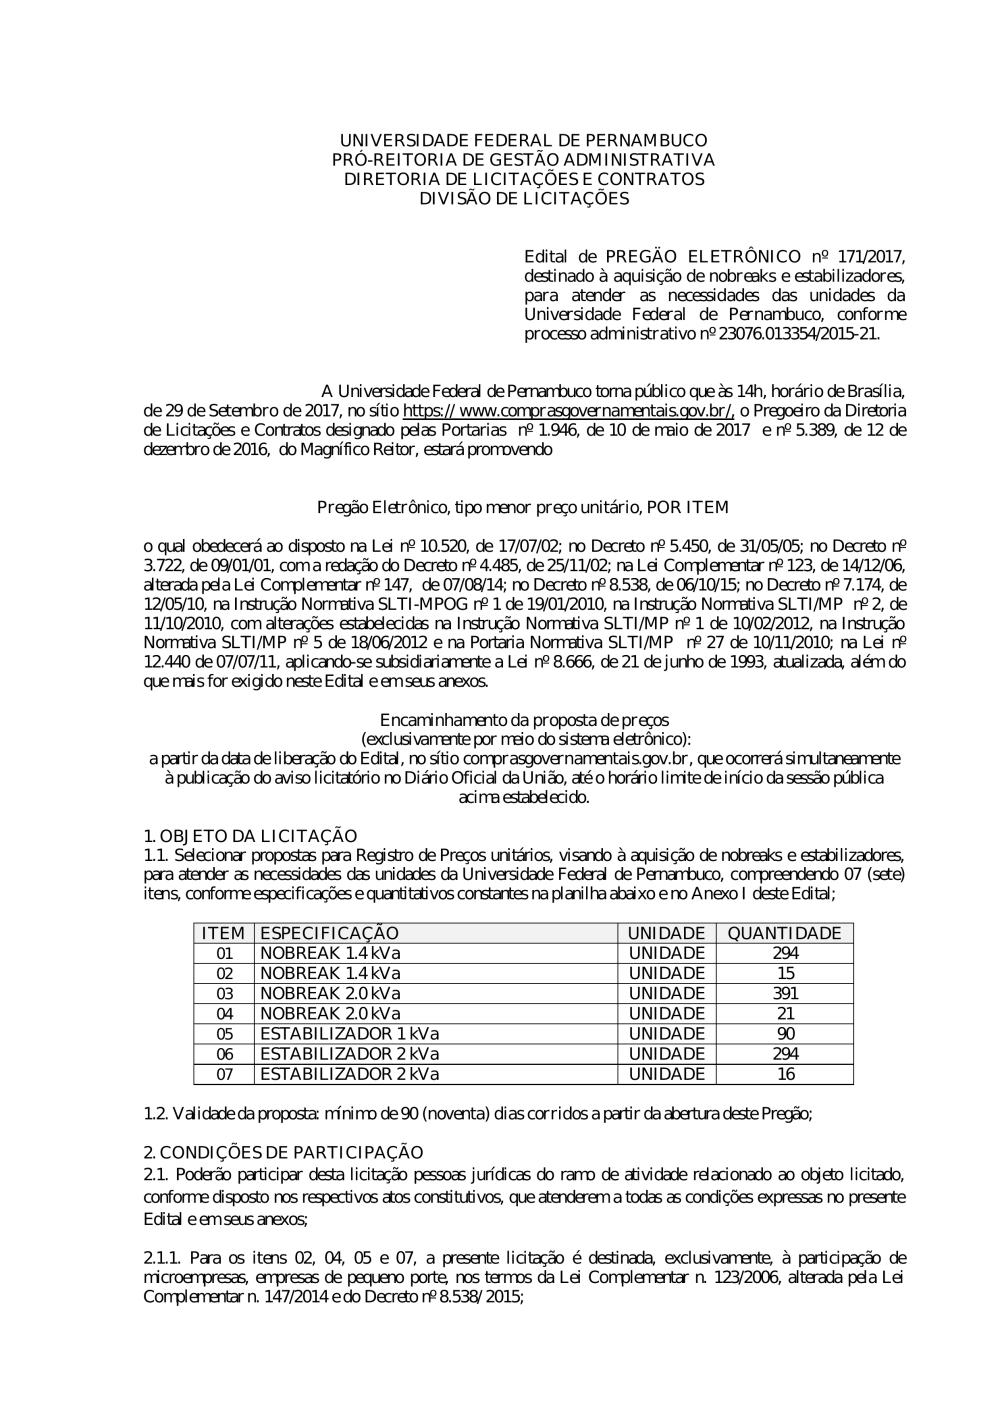 8a6d4905b9ffd Pregão nº 171 2017.pdf - Editais do Pregão - UFPE